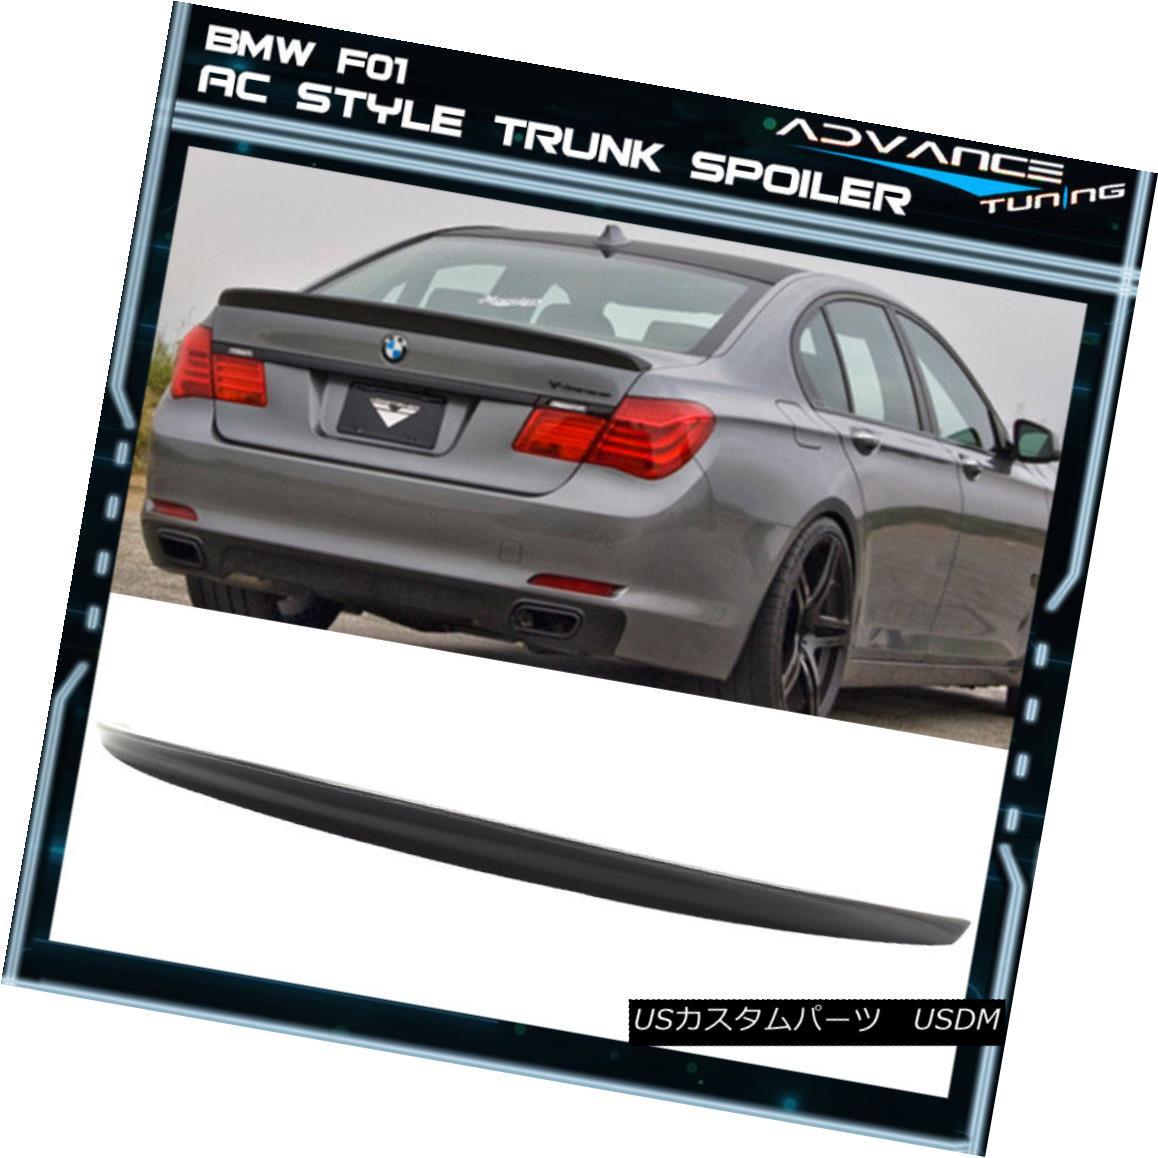 エアロパーツ 09-15 BMW 7 Series F01 AC Style Unpainted ABS Trunk Spoiler 09-15 BMW 7シリーズF01 ACスタイル無塗装ABSトランク・スポイラー